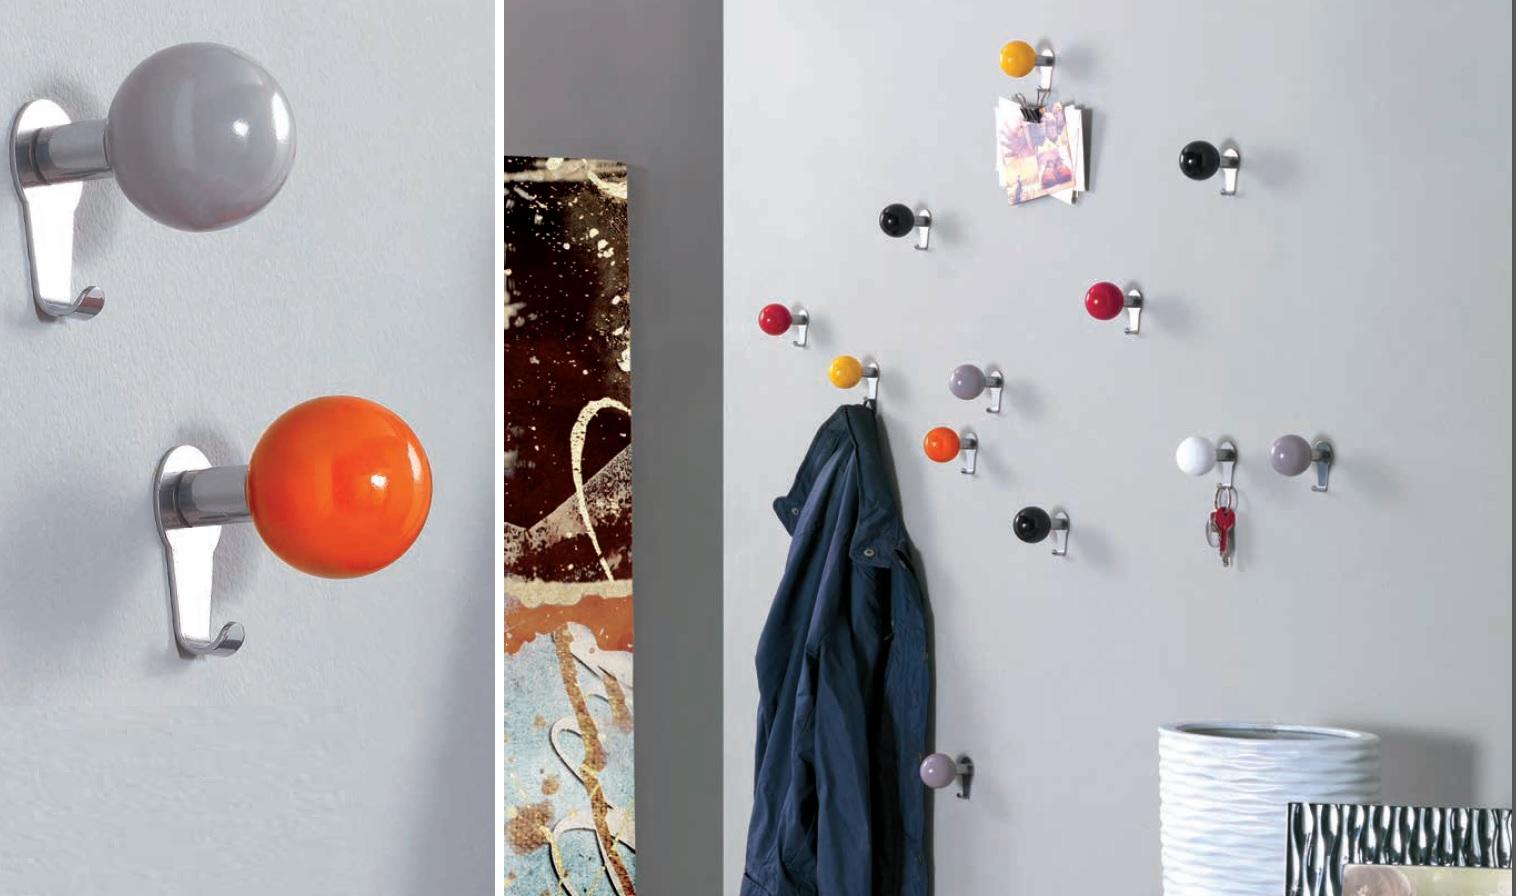 Attaccapanni A Muro Particolari.Attaccapanni E Complementi D Arredo Centomo Floriano Arreda